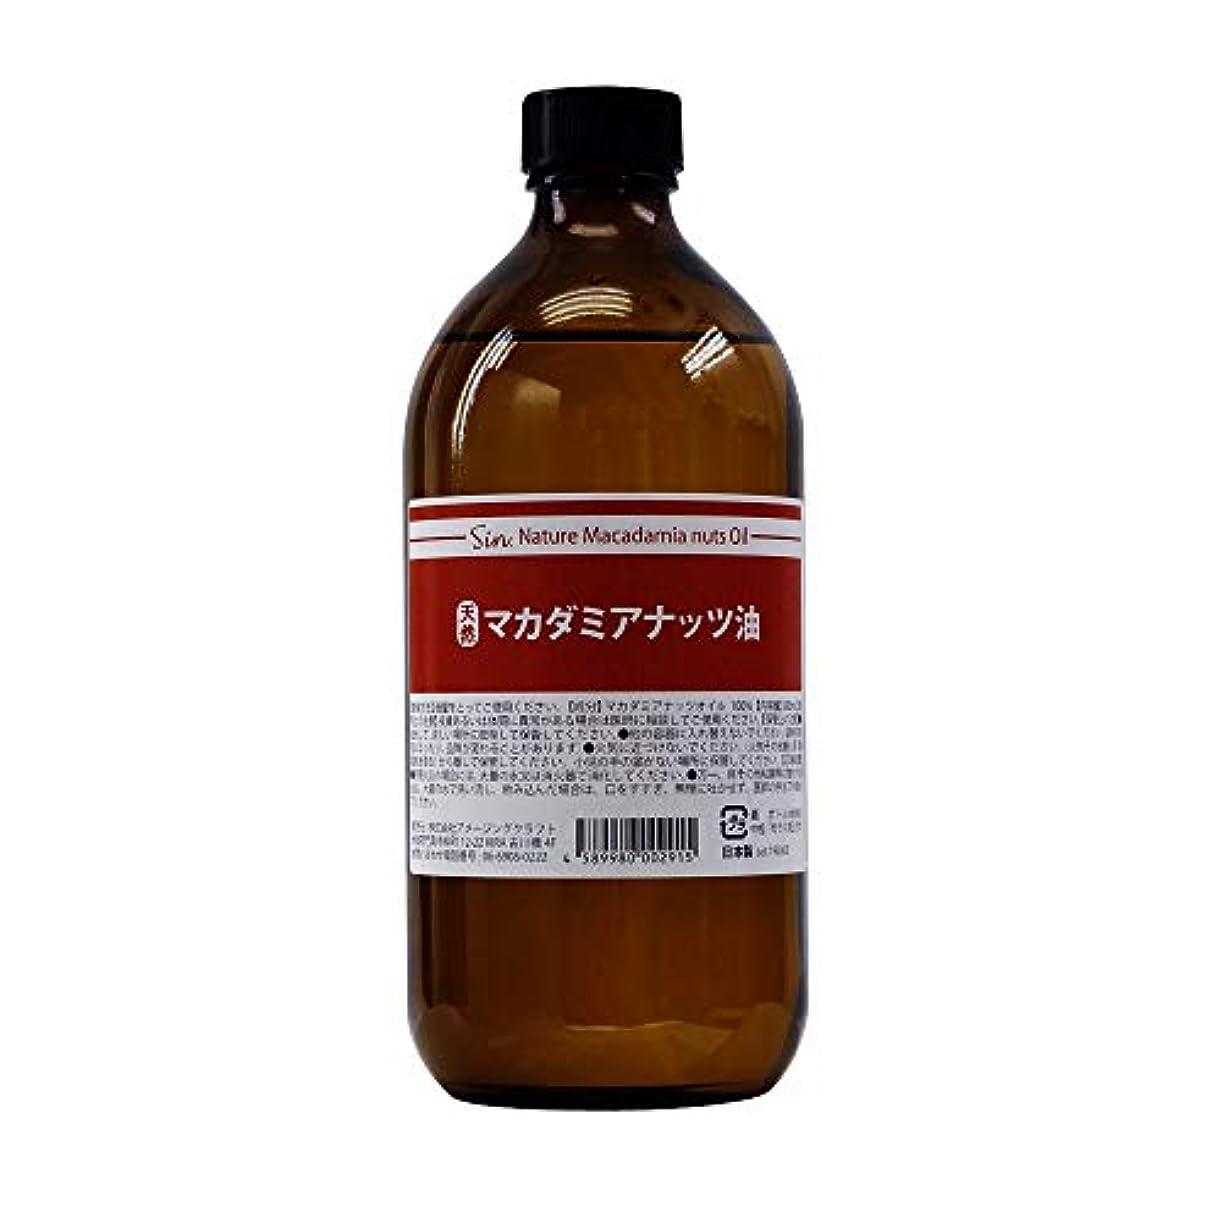 がんばり続ける摂氏セクタ天然無添加 国内精製 マカダミアナッツオイル 500ml